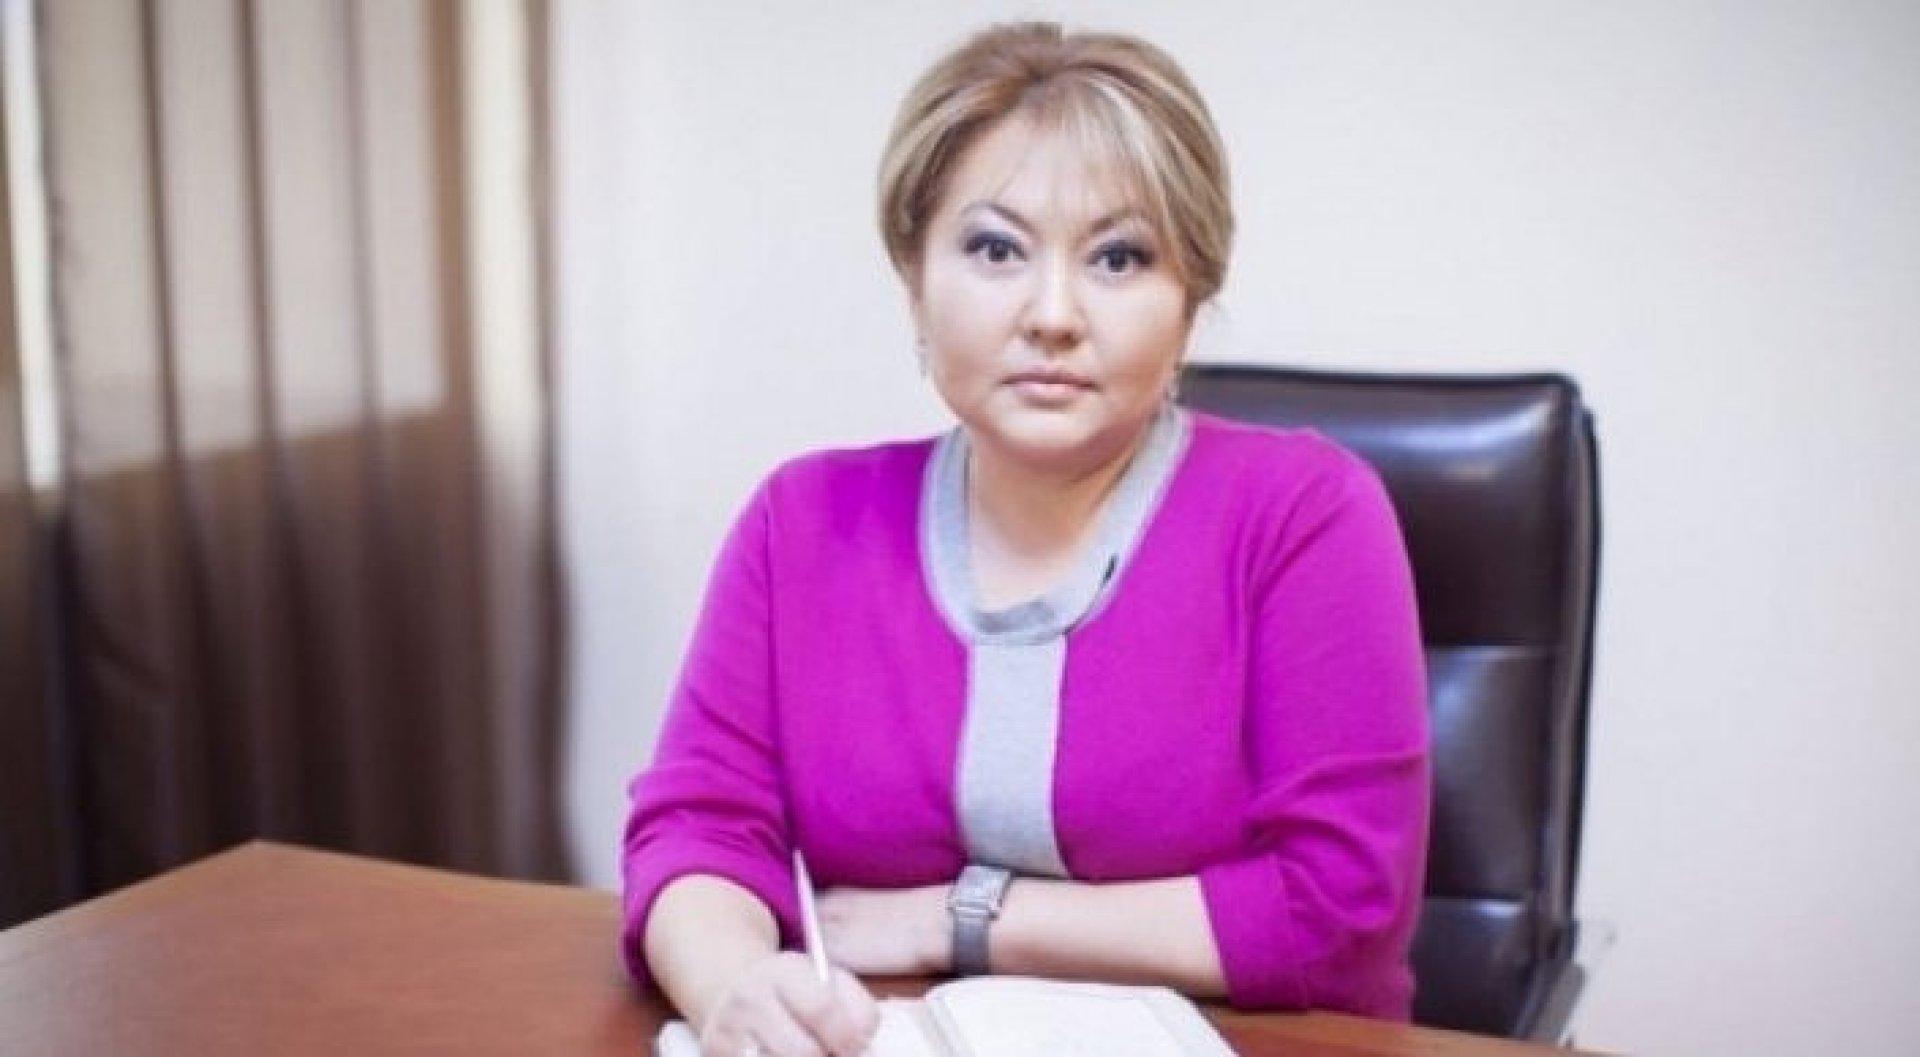 АДГСПК проводит расследование в отношении вице-министра образования и науки Эльмиры Суханбердиевой